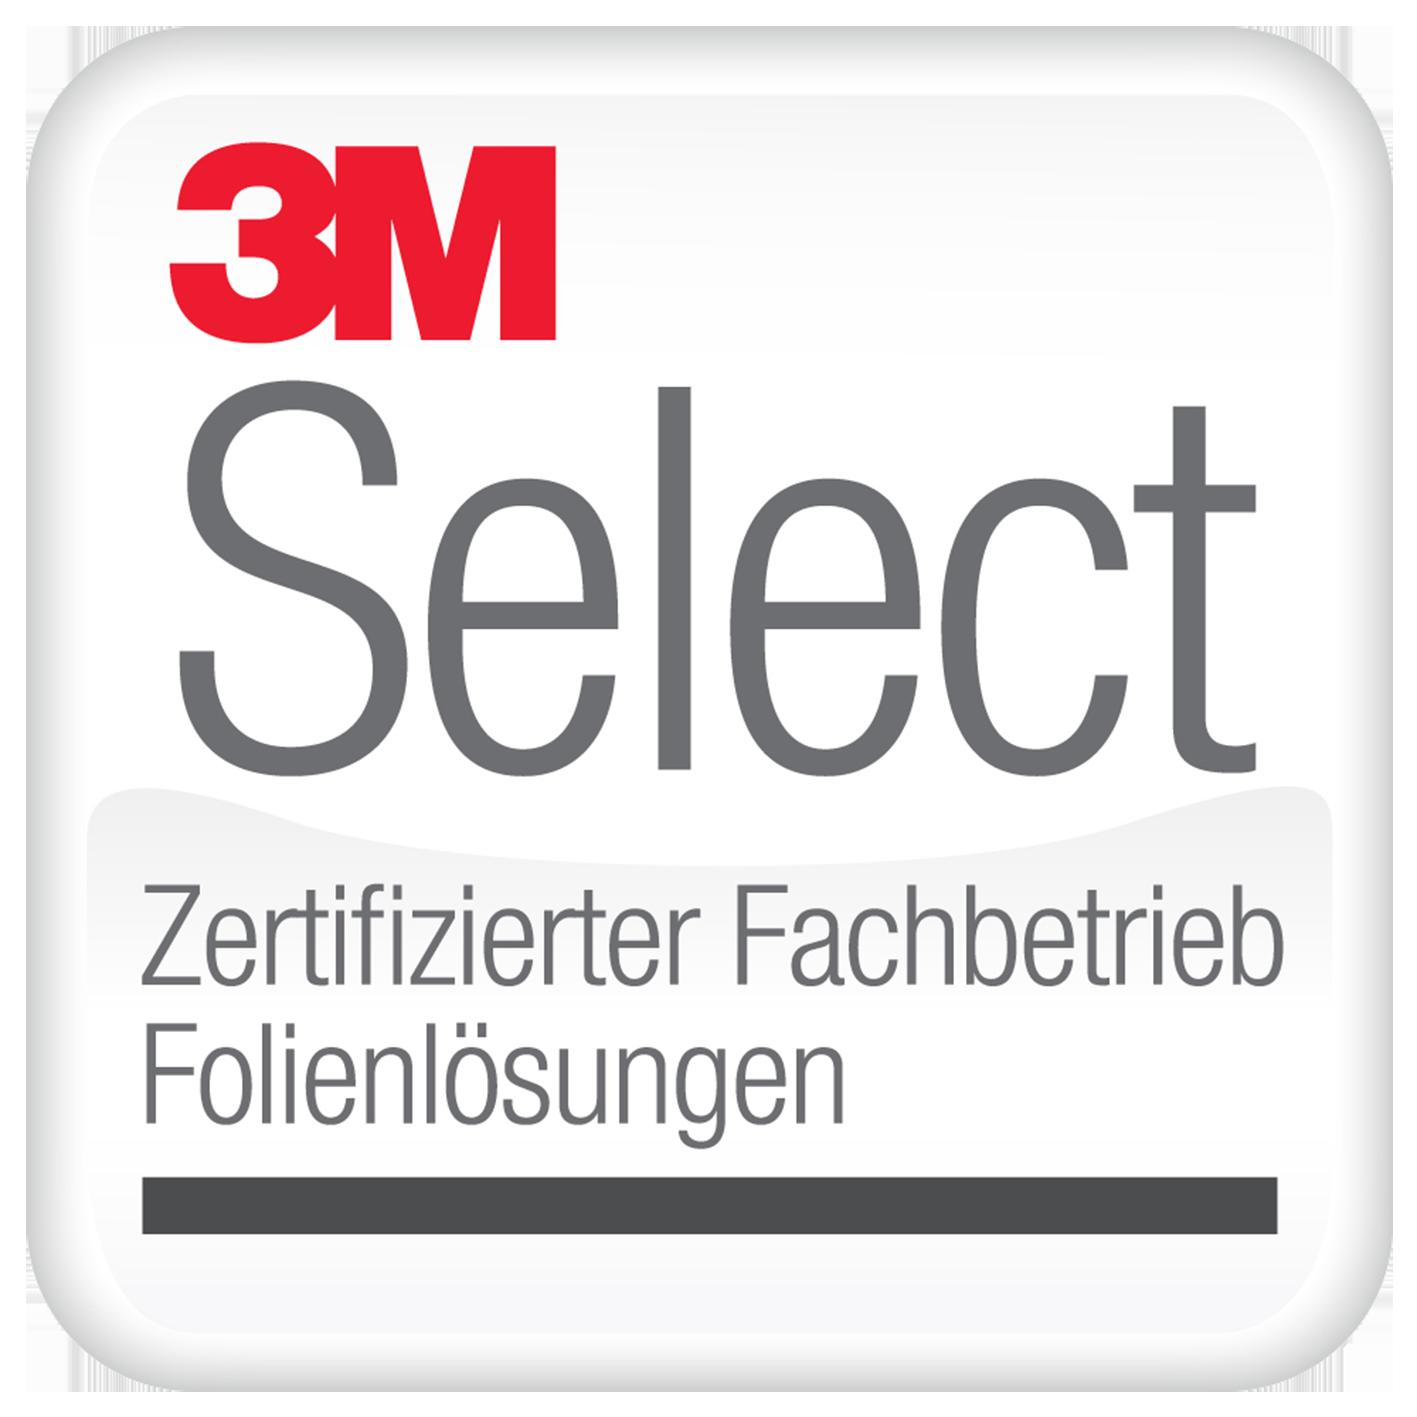 3M Select Logo für zertifizierte Fachbetriebe